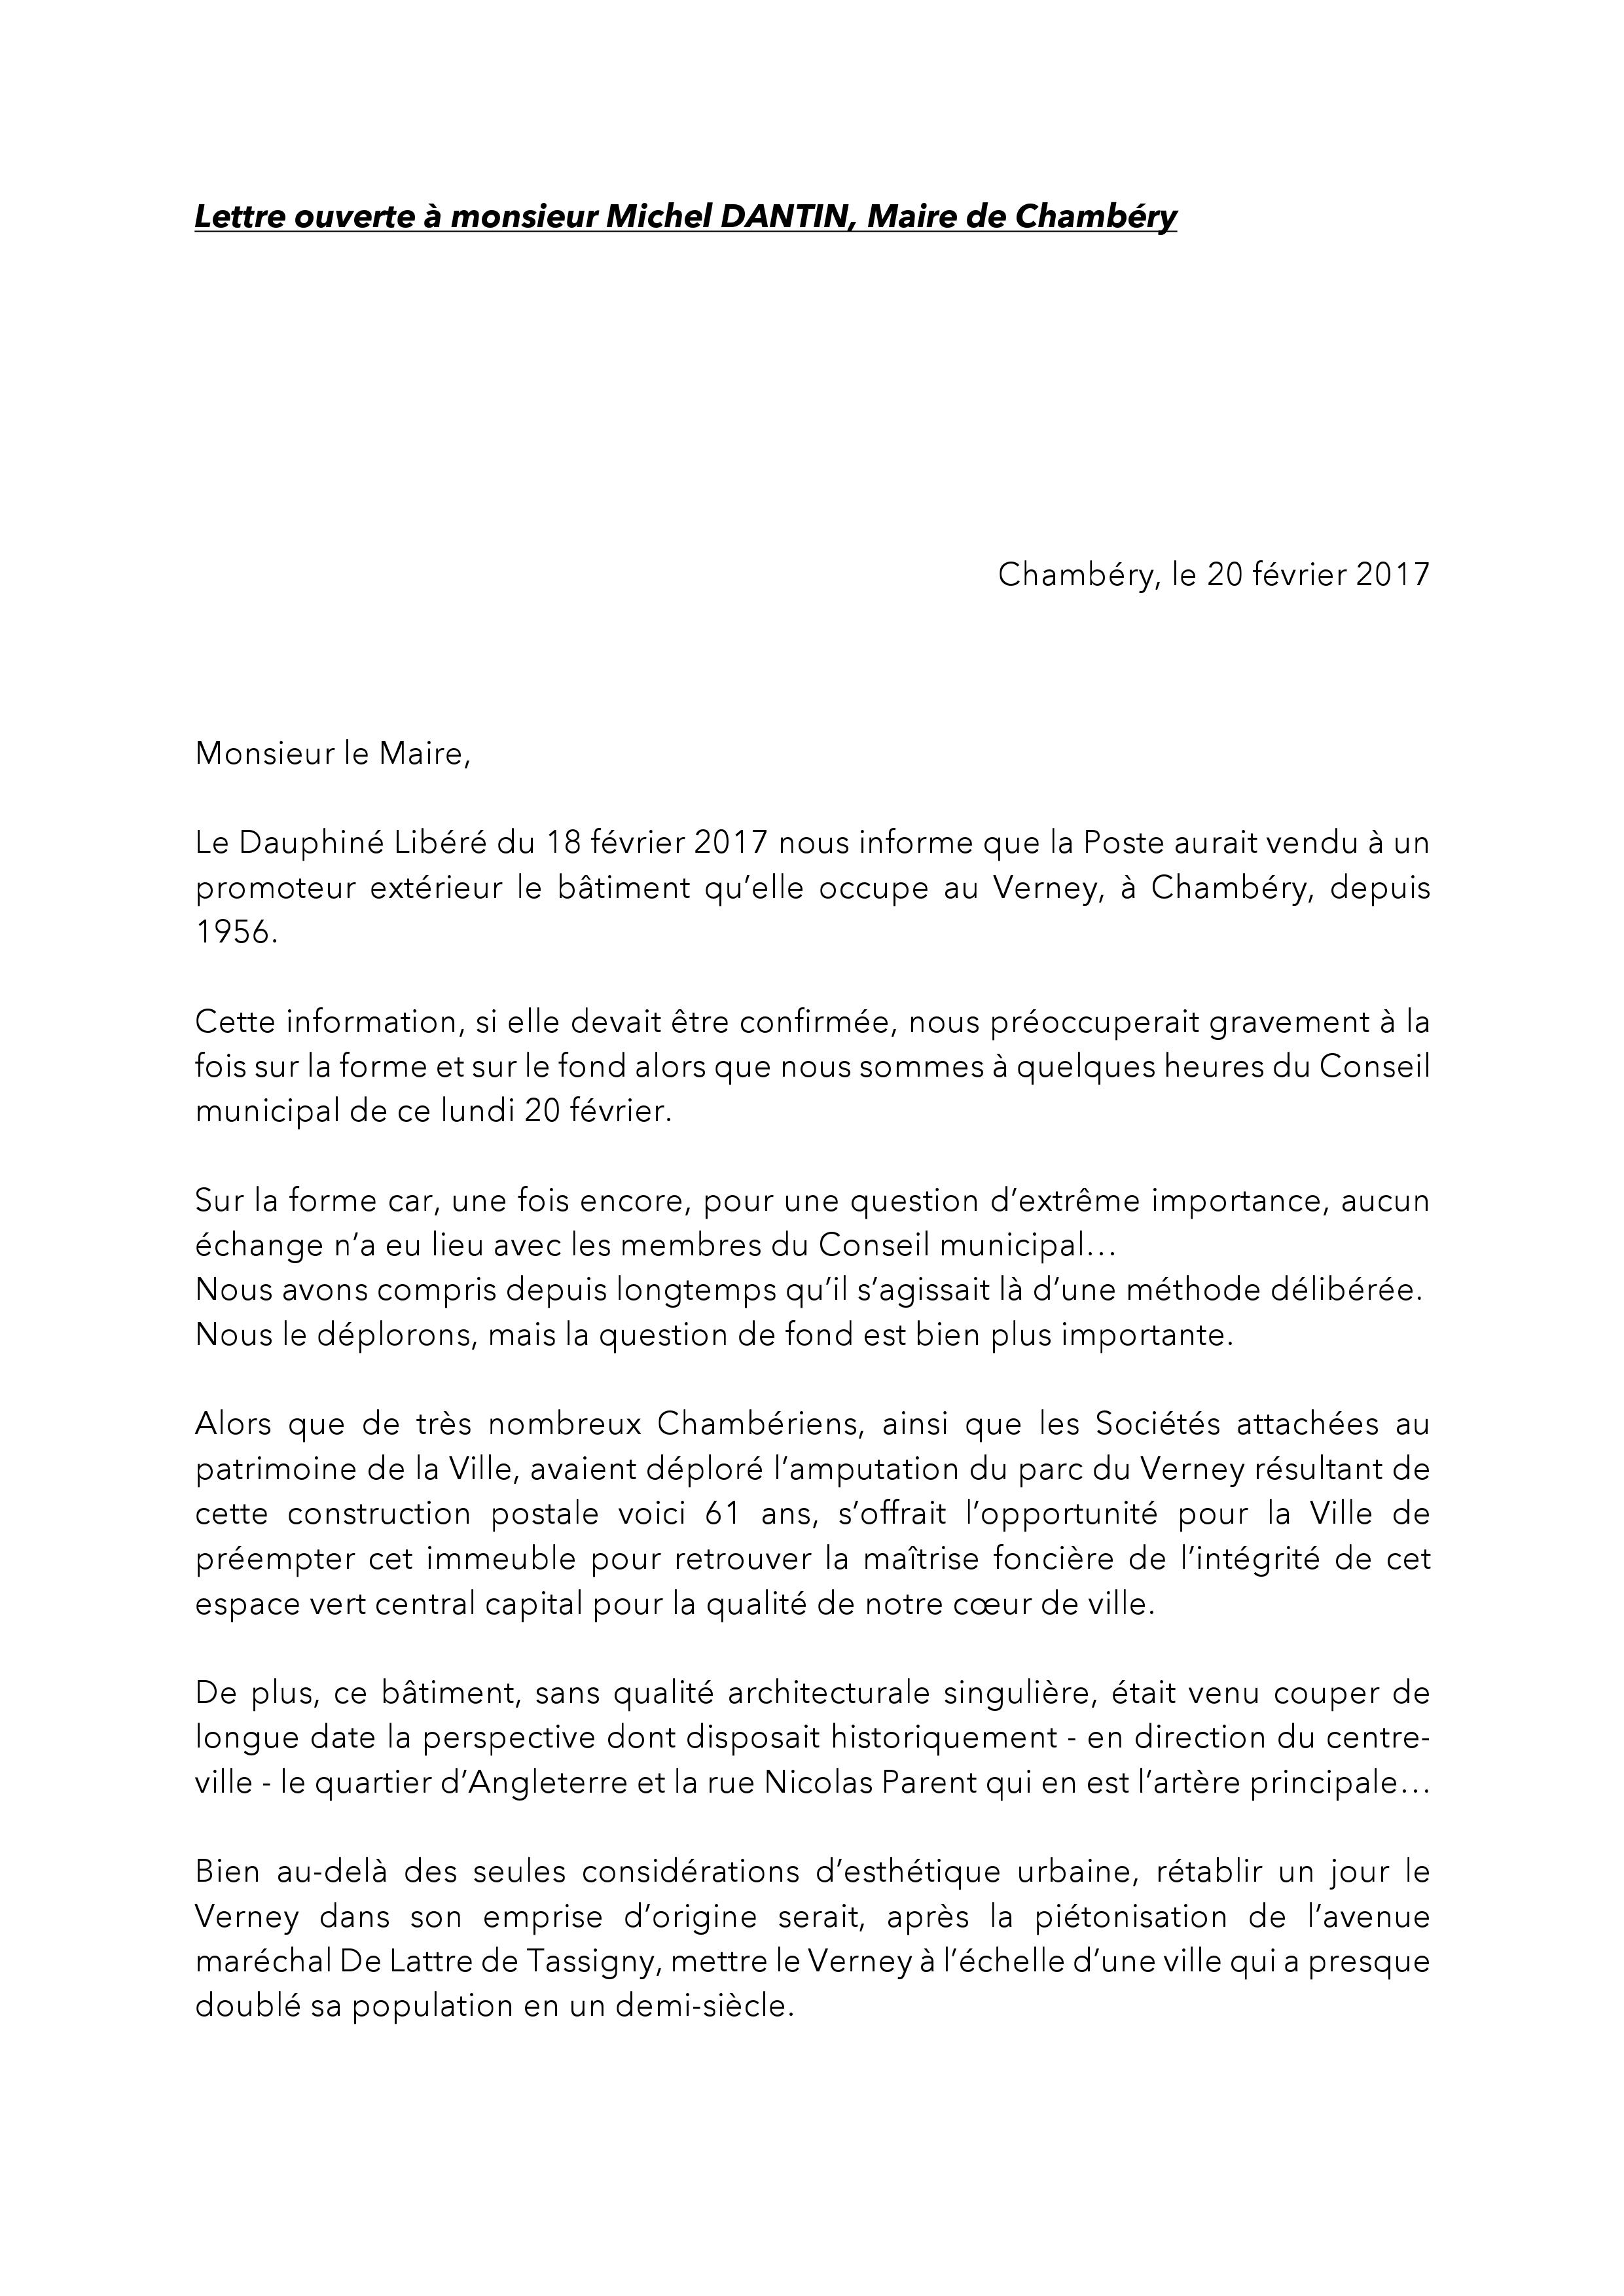 sujet de lettre ouverte